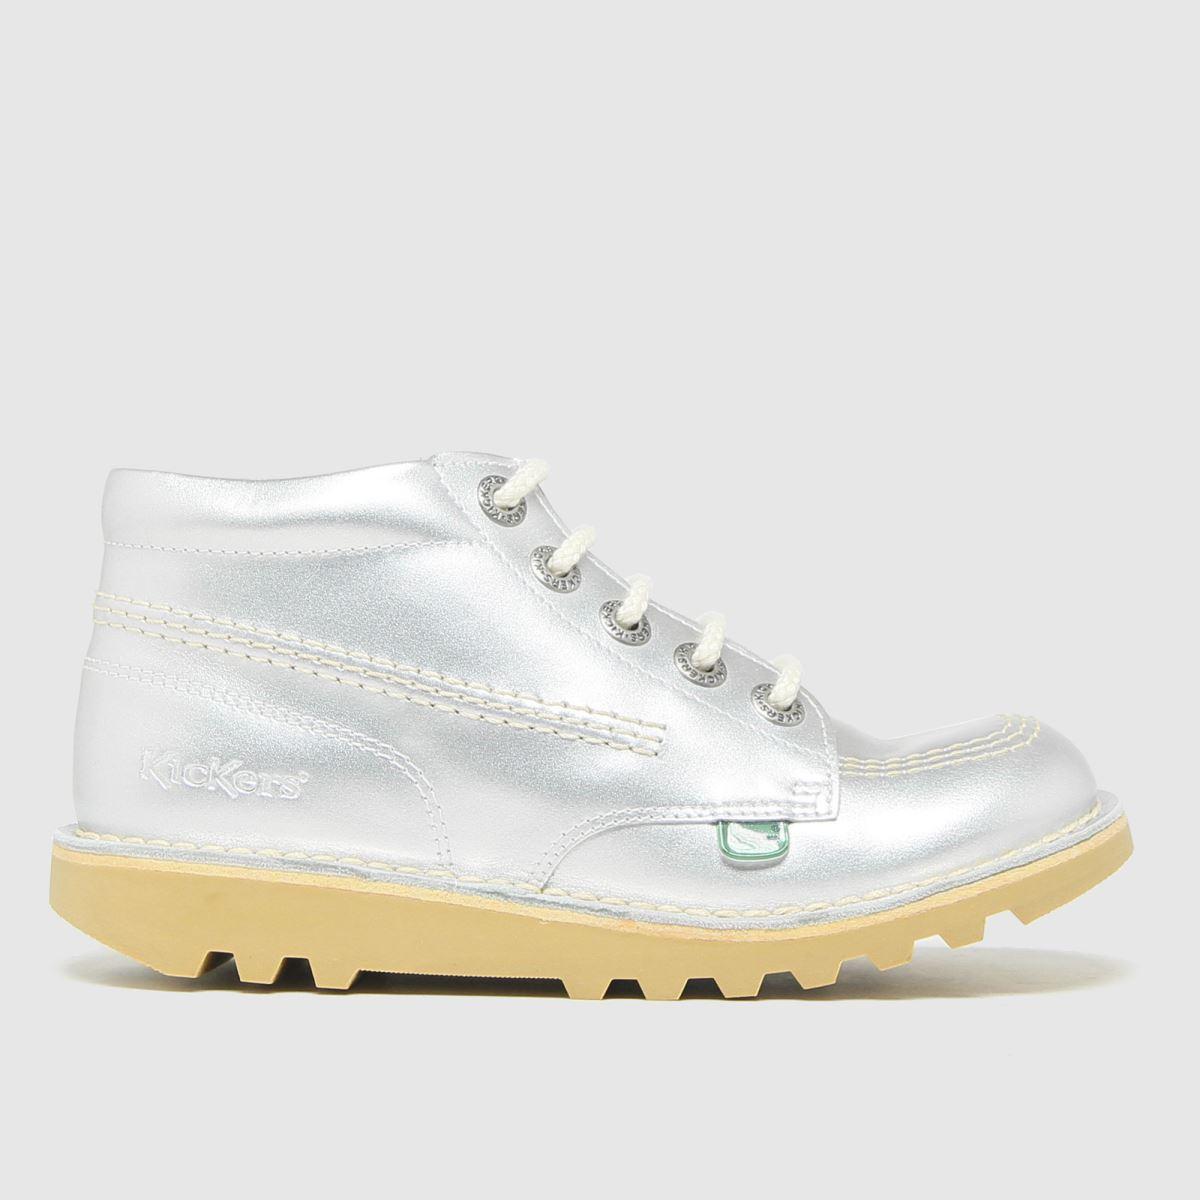 Kickers Silver Hi Zip Lthr Boots Junior